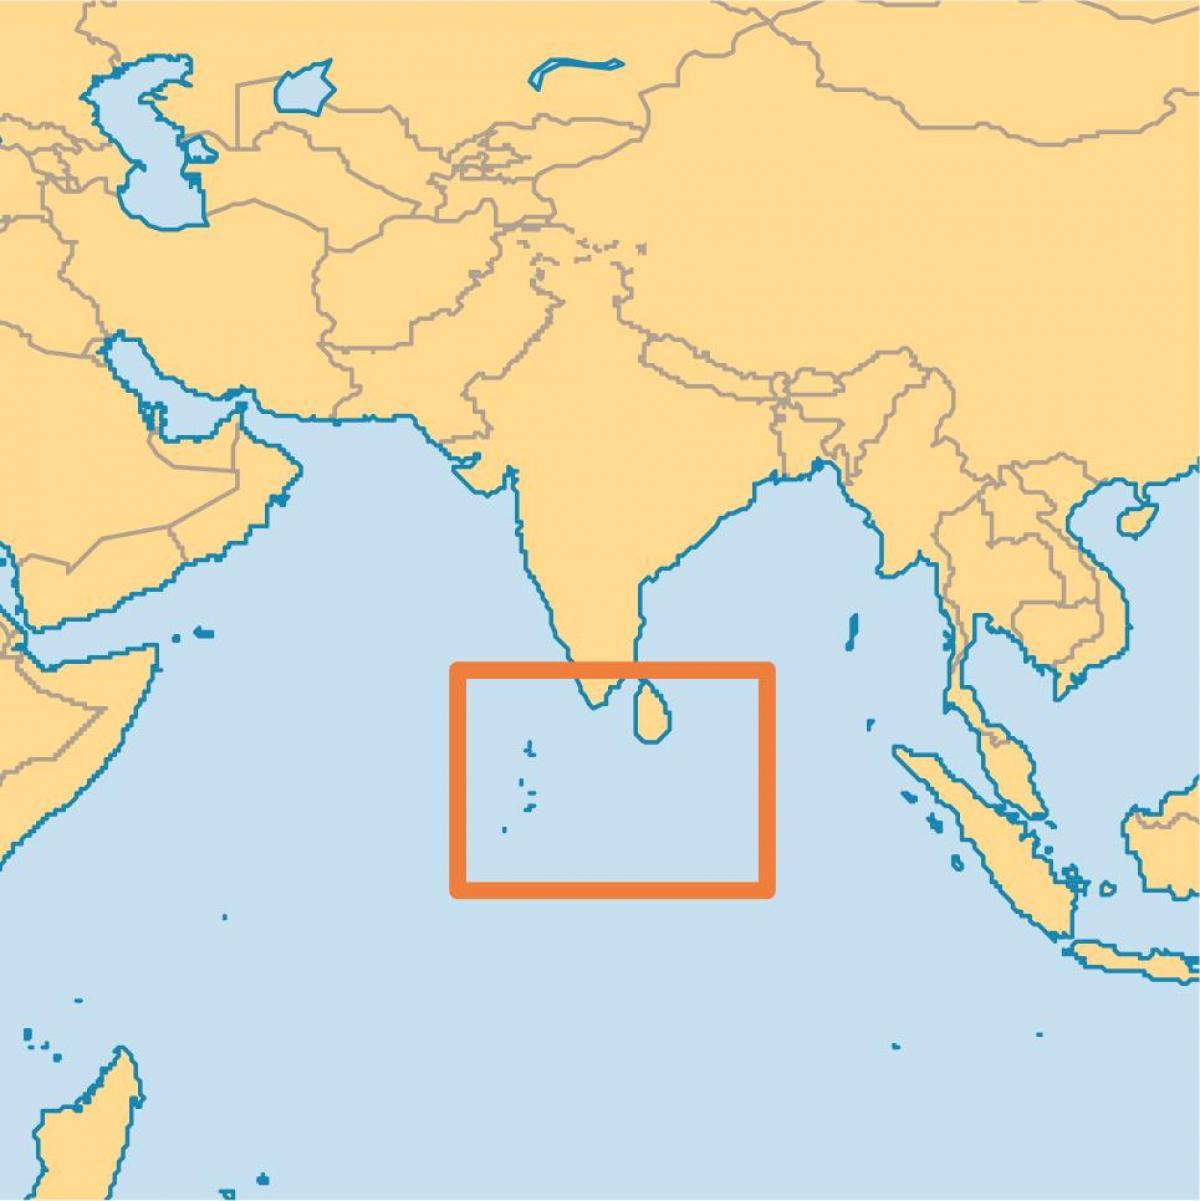 Svetovni Zemljevid Maldivi Otokov Otoku Maldivi Lokacijo Na